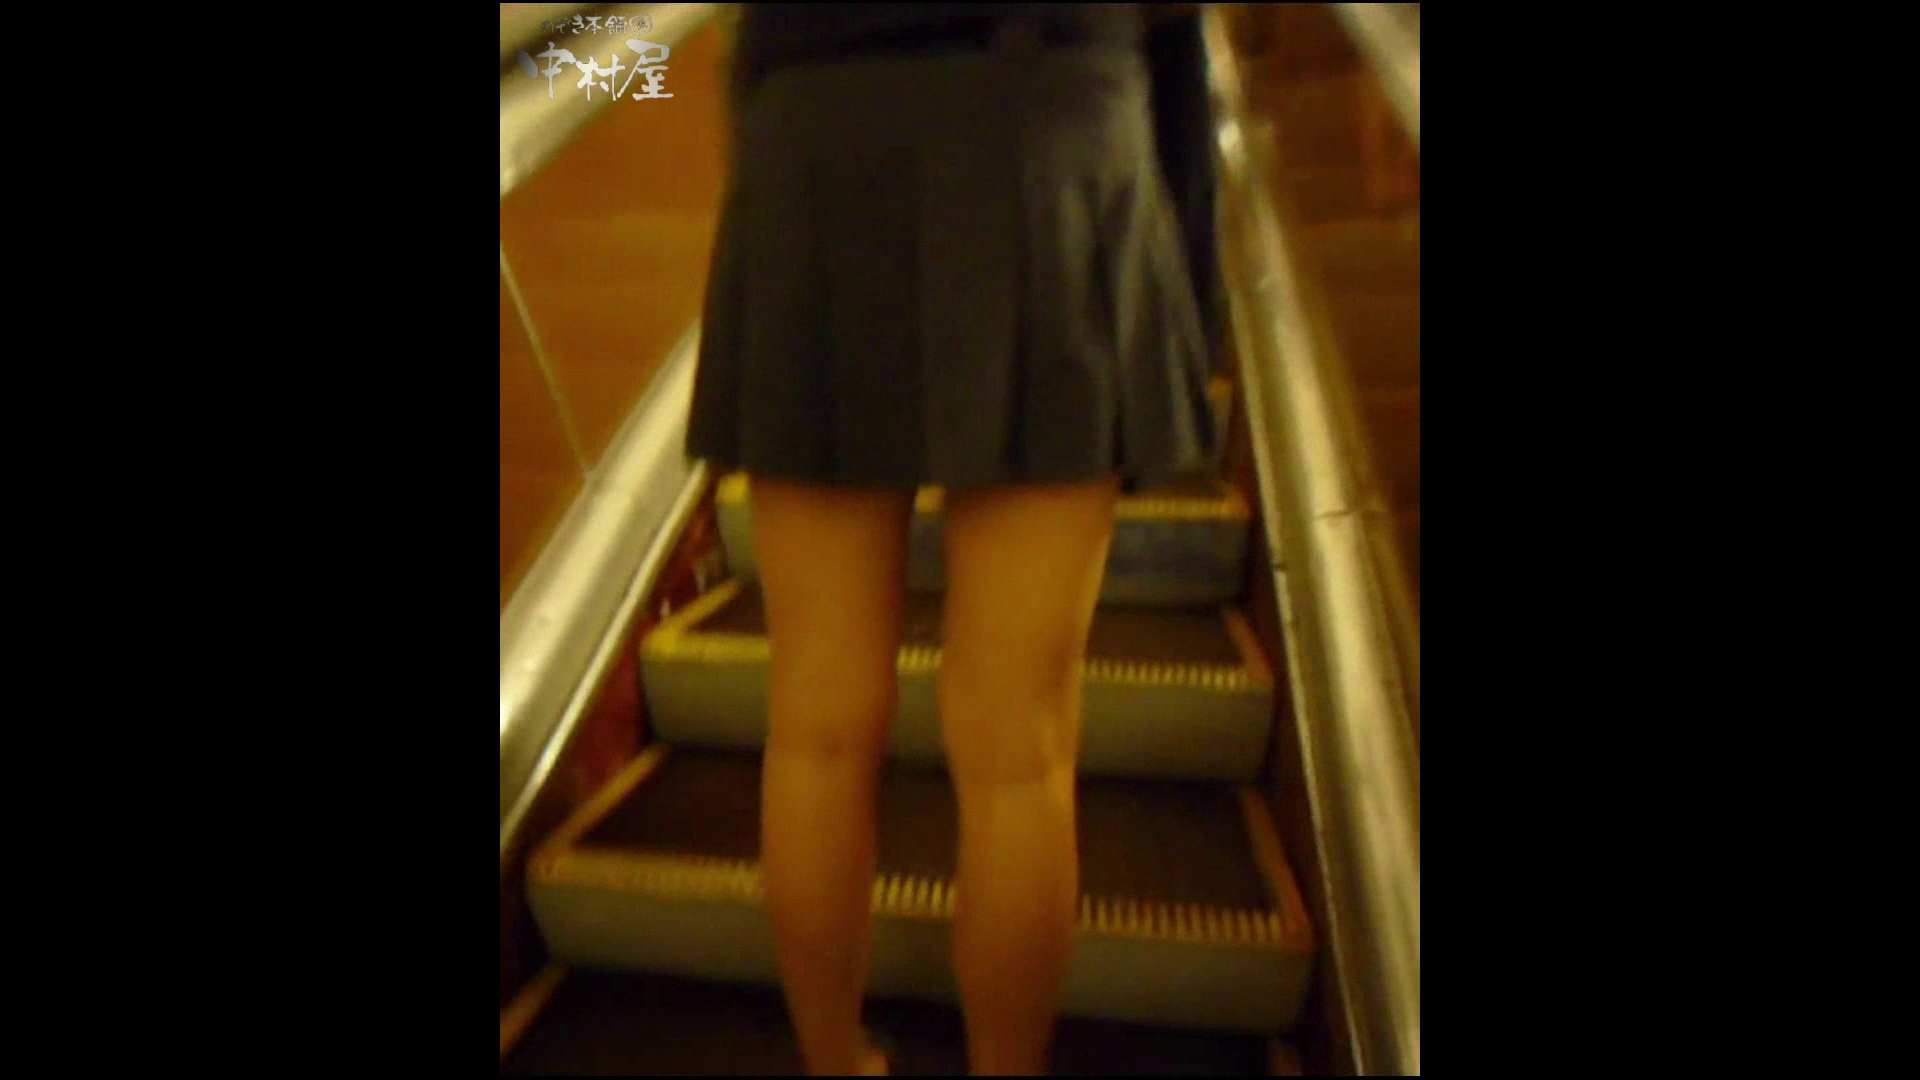 綺麗なモデルさんのスカート捲っちゃおう‼ vol26 OLのエロ生活 | モデルのエロ生活  29連発 28